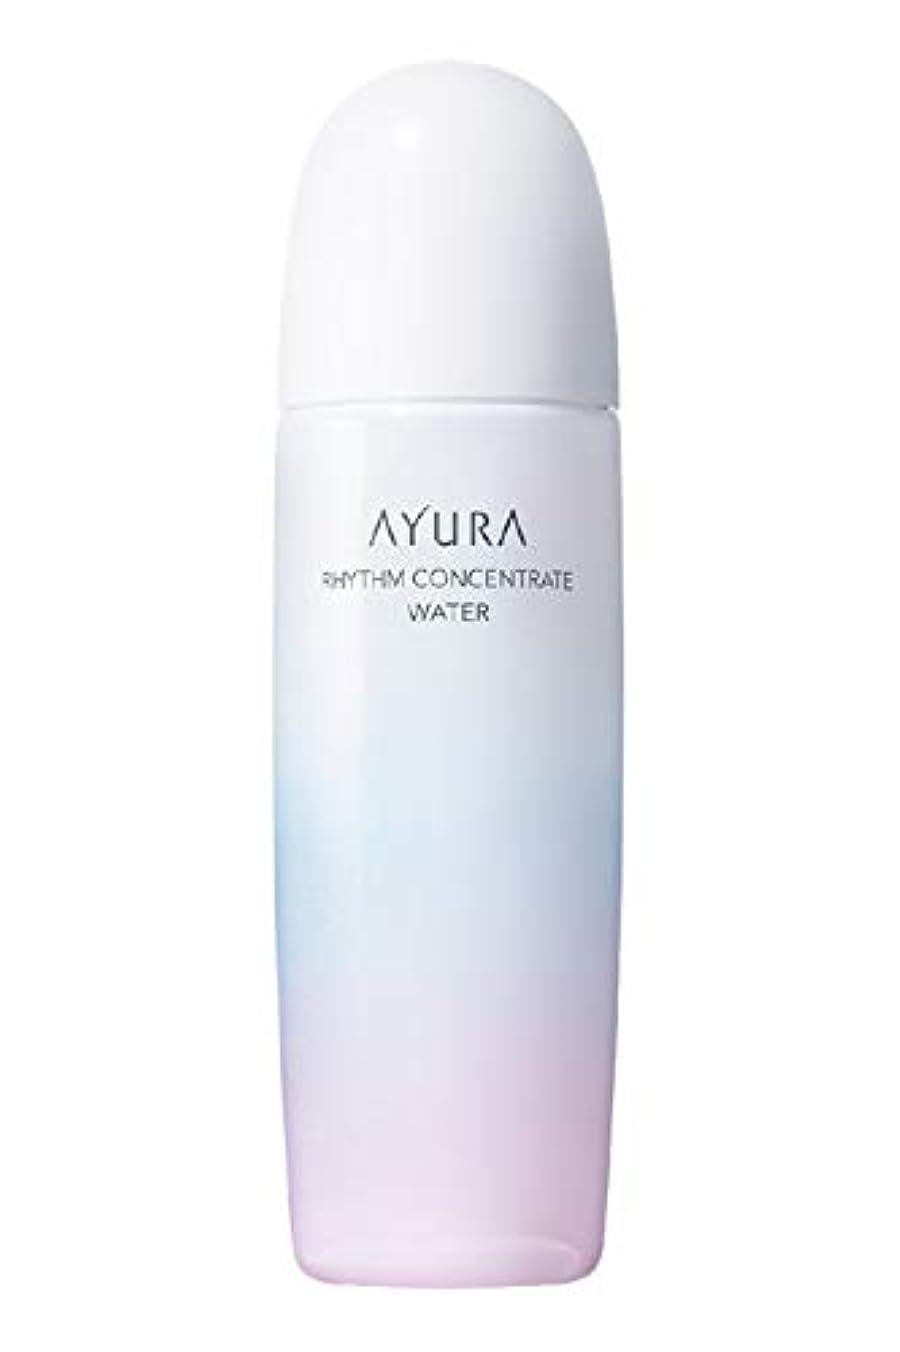 ミュートキャメル協力的アユーラ (AYURA) リズムコンセントレートウォーター 300mL < 化粧水 > パシャッとうるおう 肌に吸い込まれるような 浸透化粧水